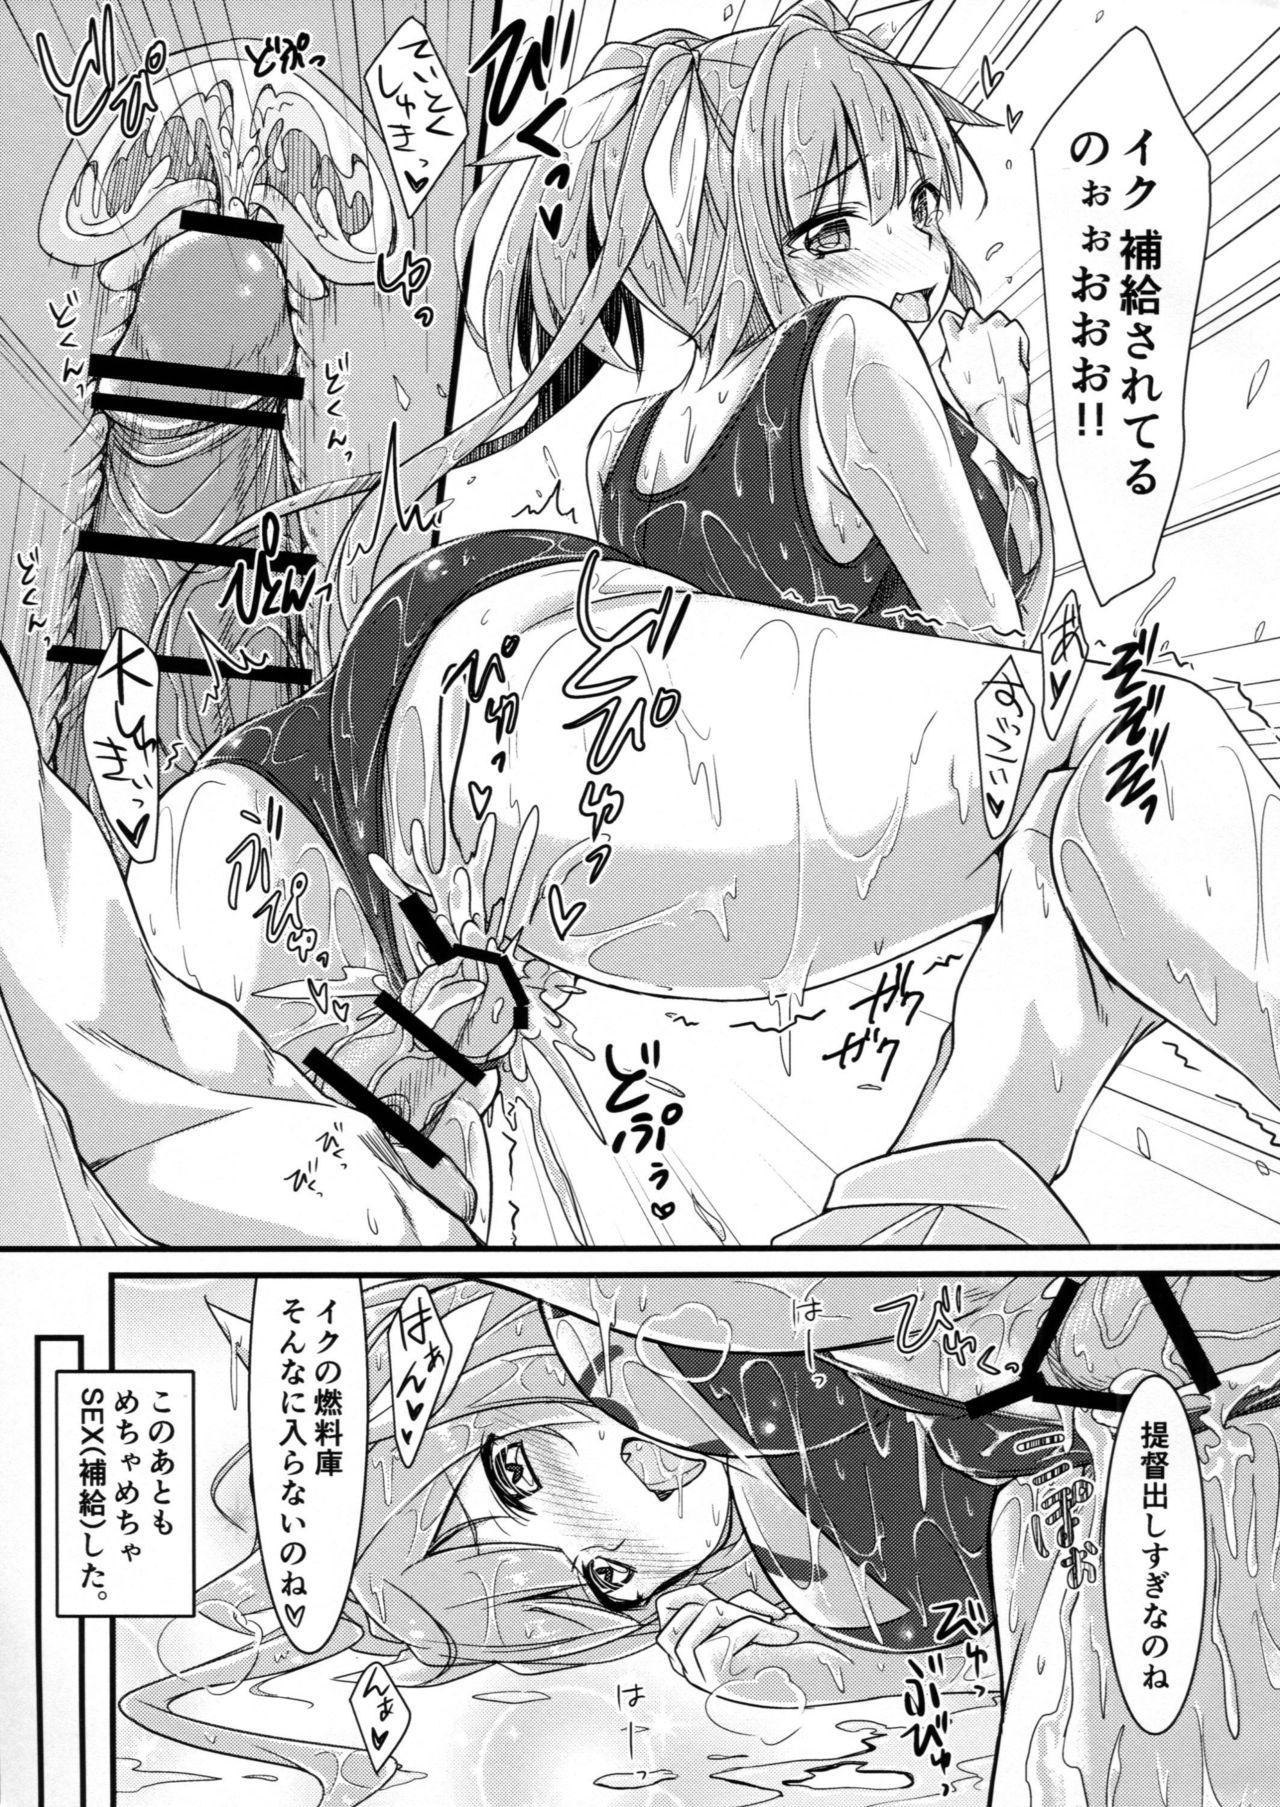 Iku to isshoni  Oryokuru Iku no!! 2 13